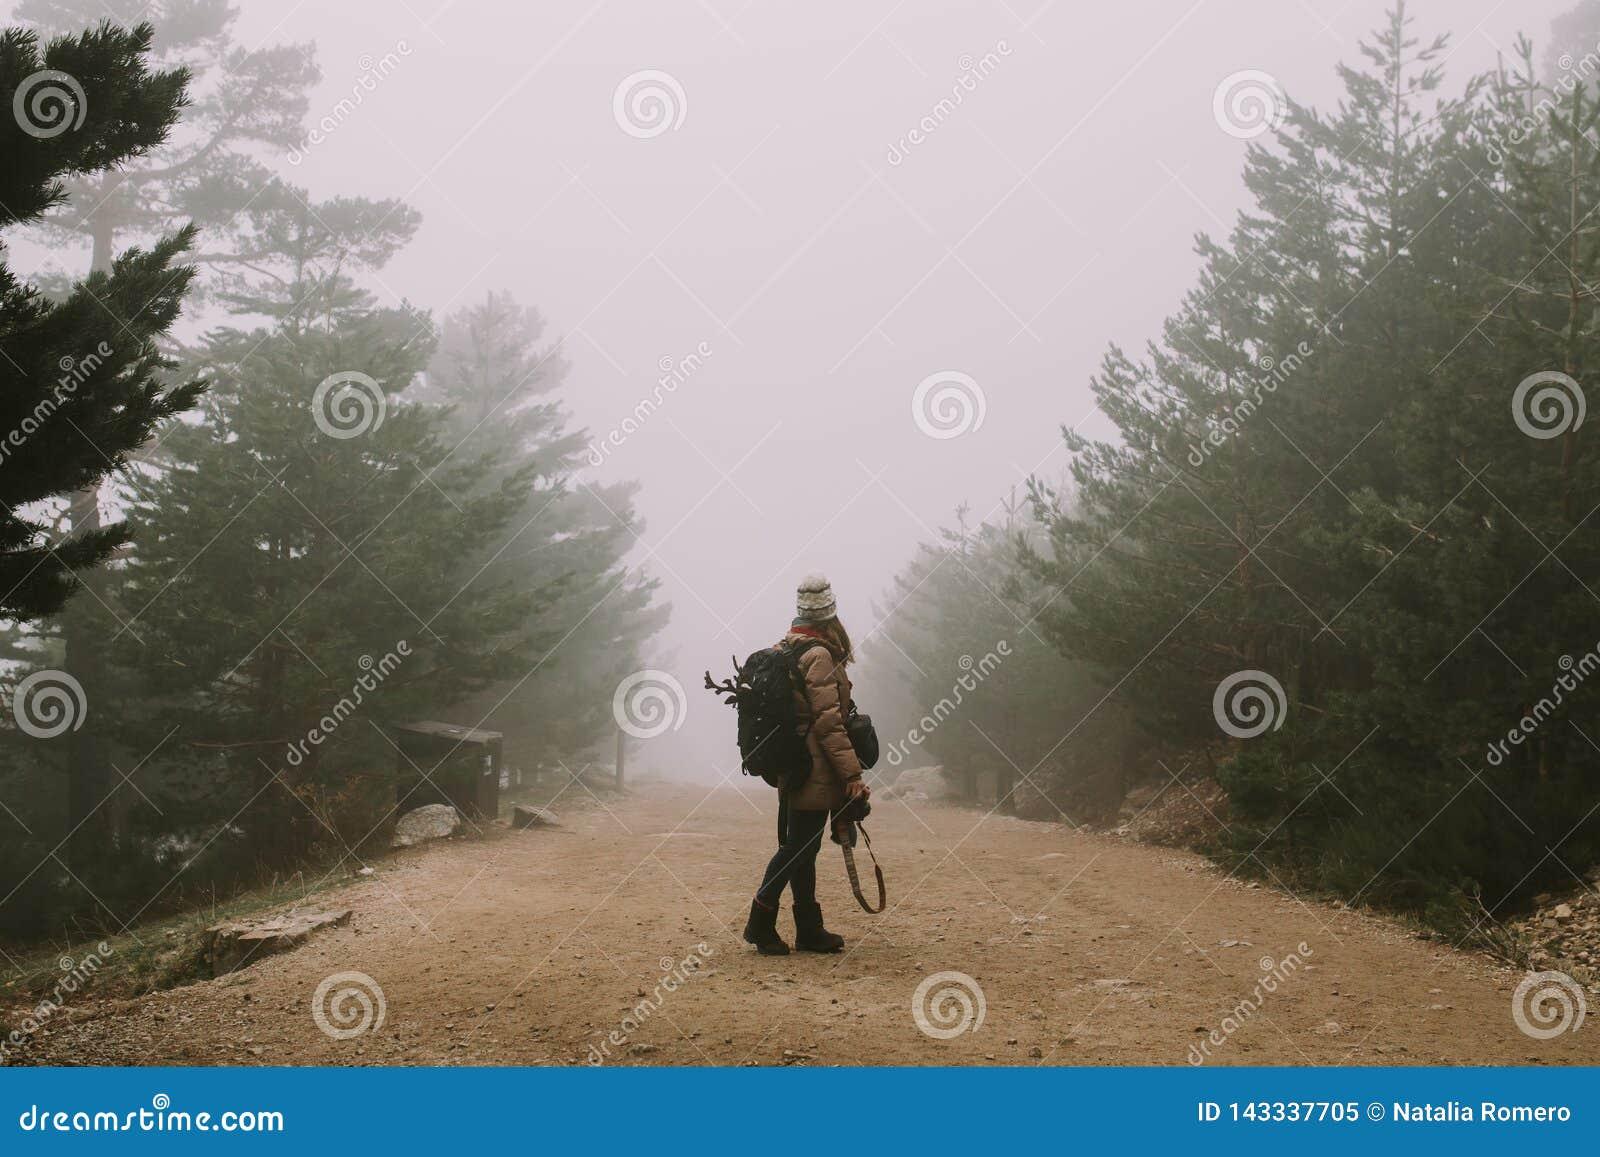 Dziewczyna patrzeje w kierunku gęstej mgły po środku drogi ten przerwa